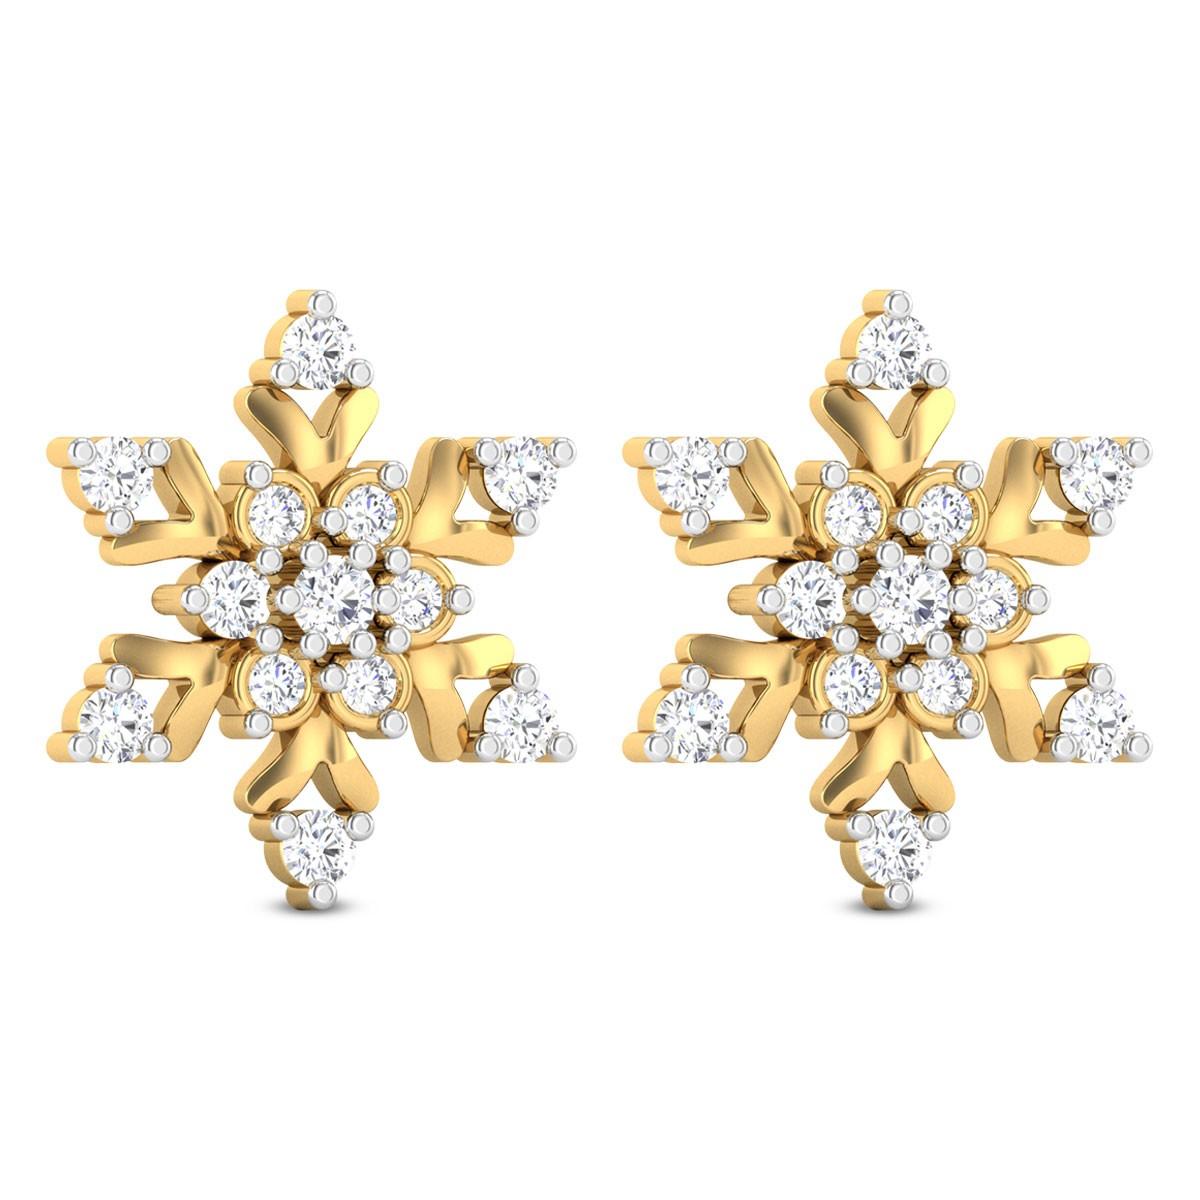 Royce Floral Diamond Stud Earrings